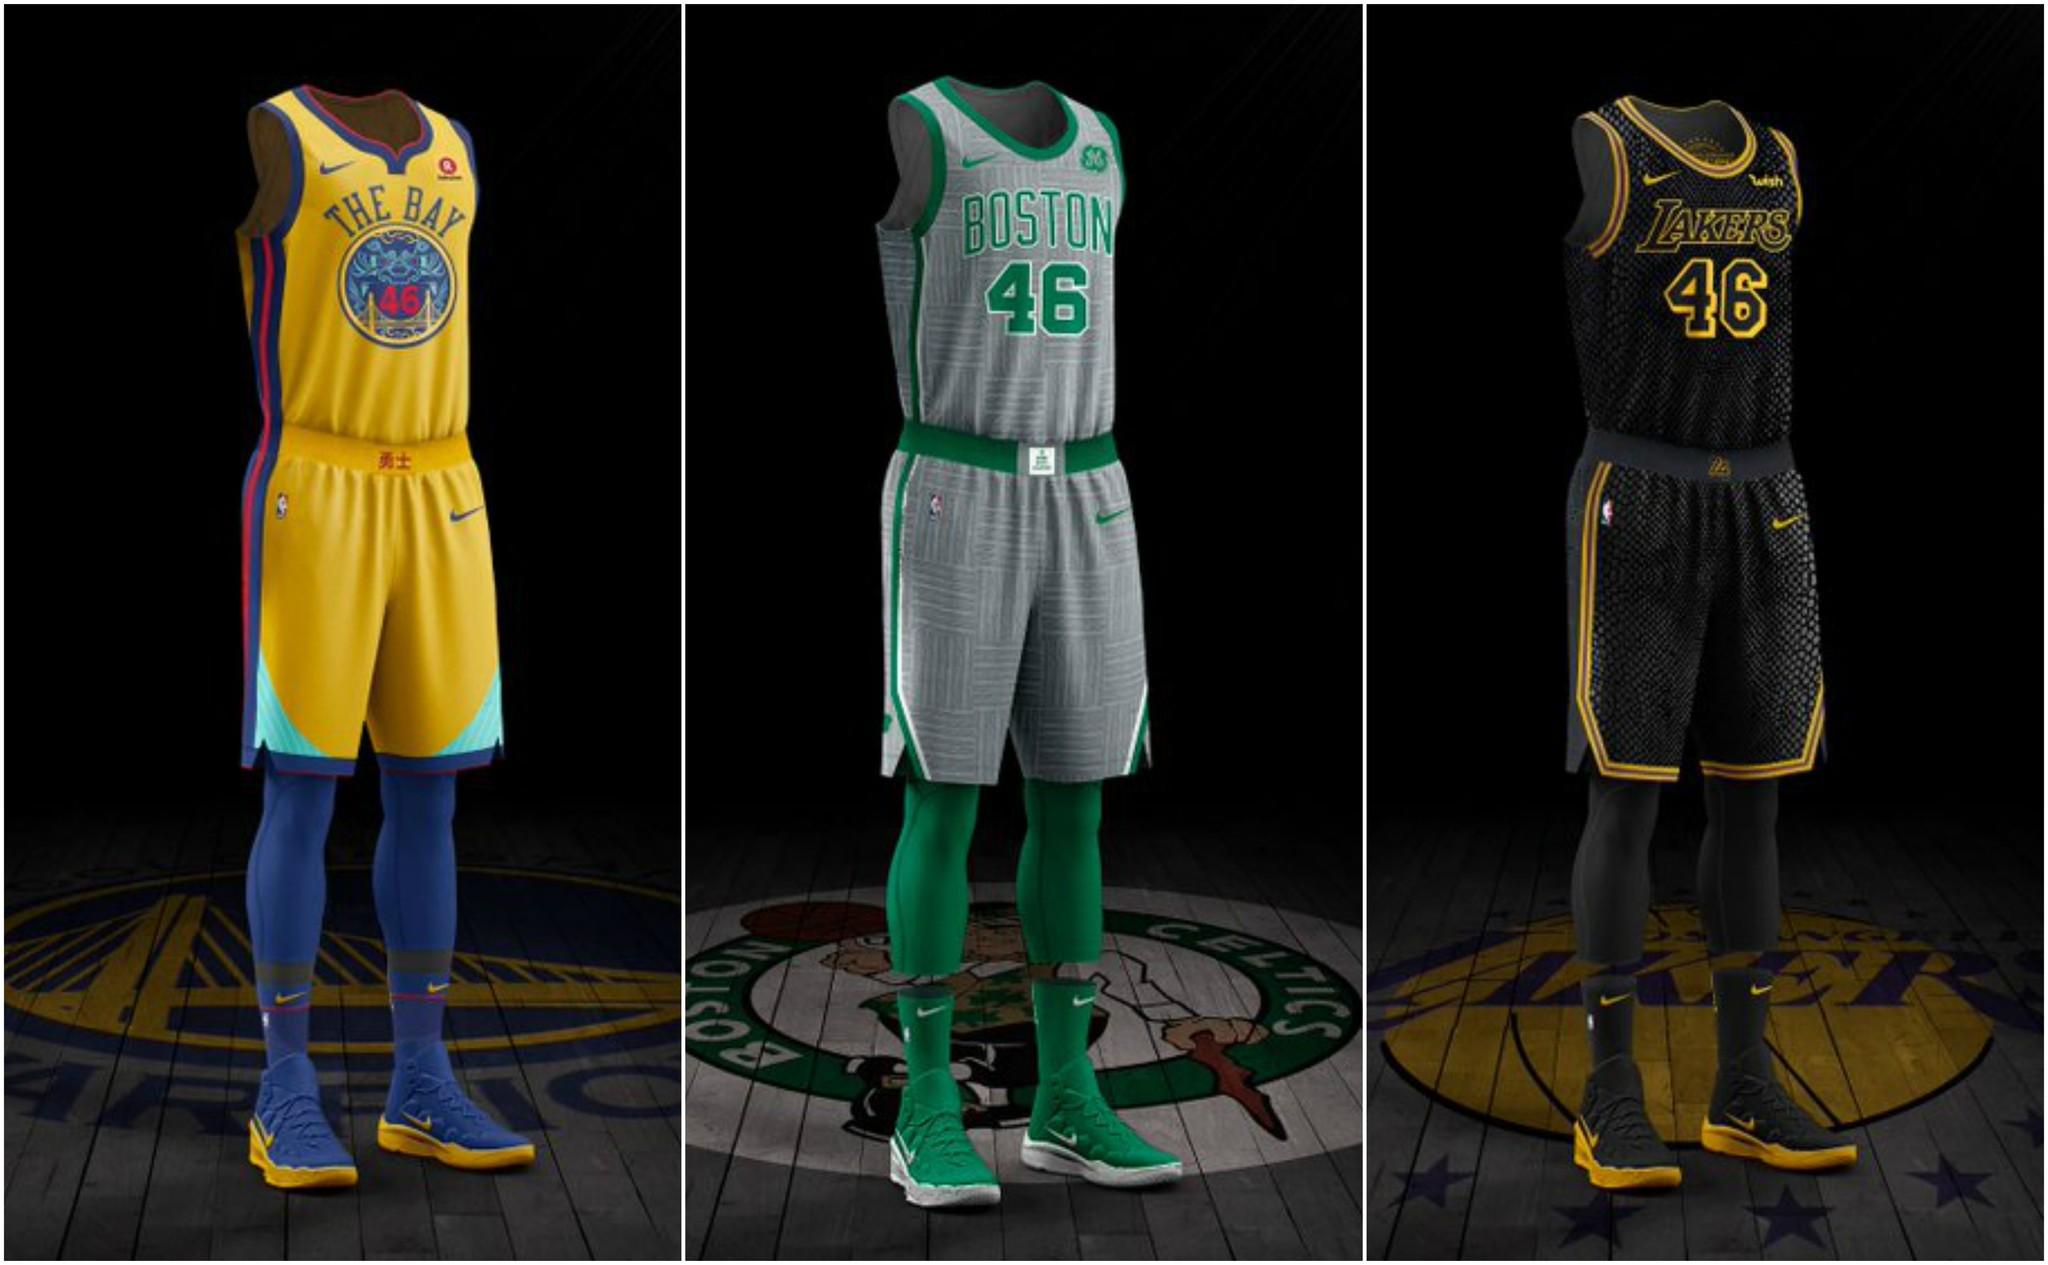 la nba presenta los uniformes city edition nike y la